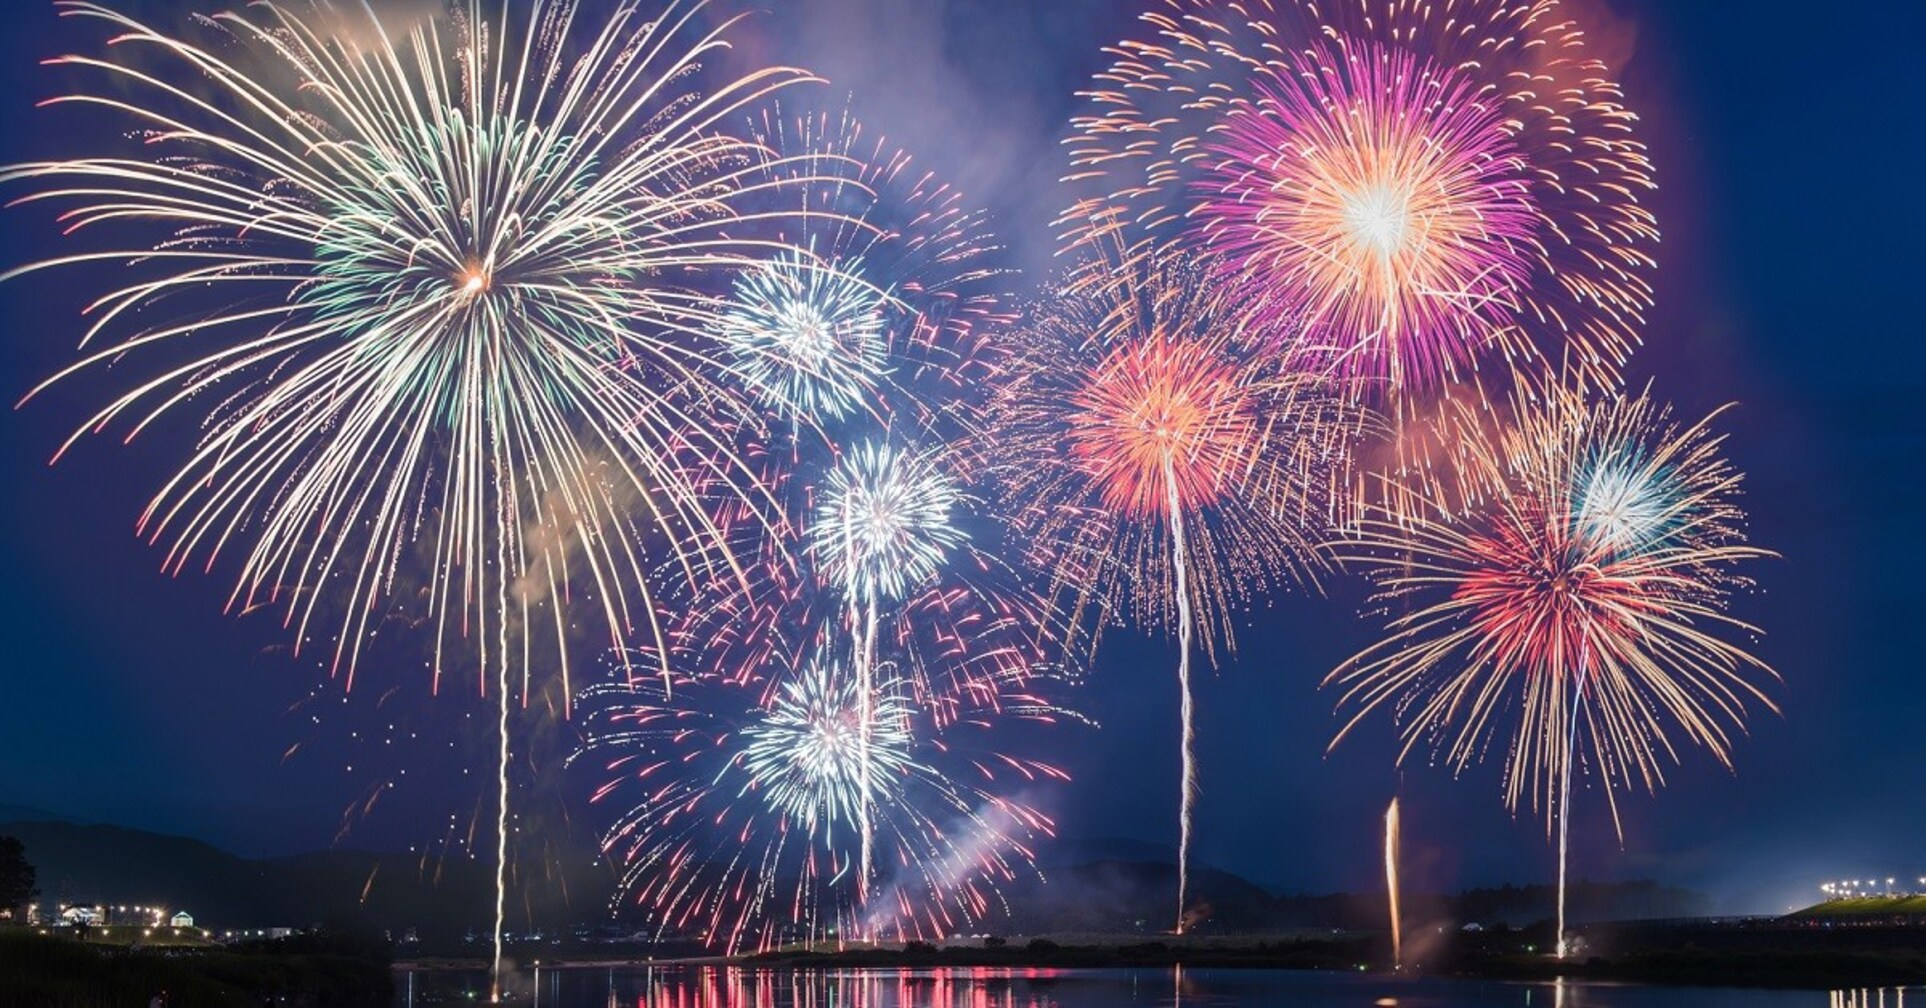 iPhoneで花火の写真をきれいに撮る6つのコツ